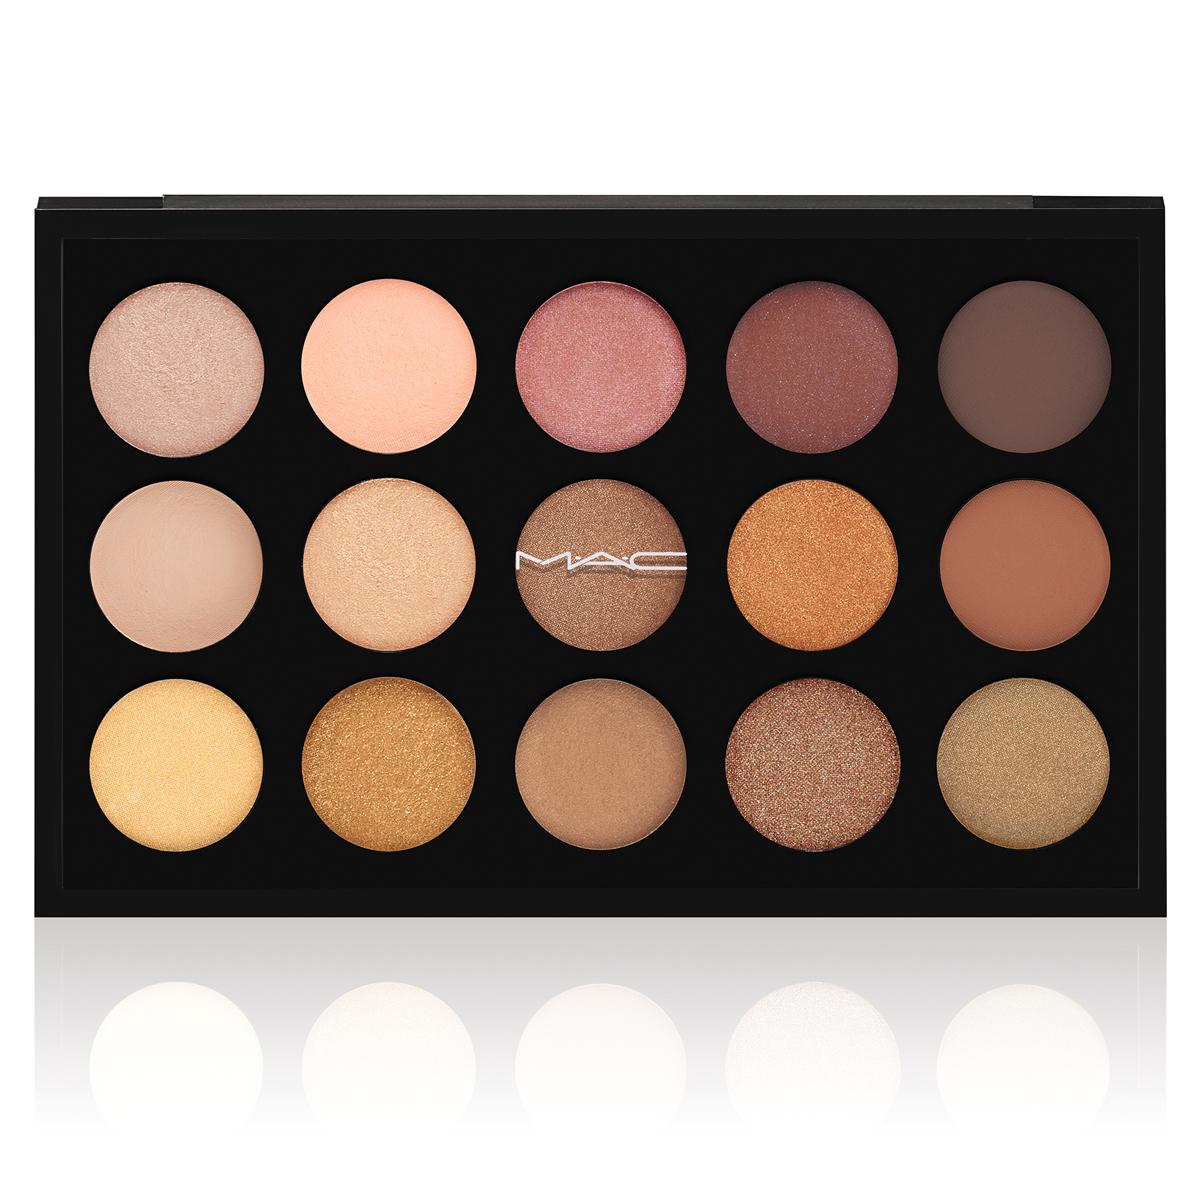 EYES ON MAC Warm Neutral 15 Eyeshadow Palette